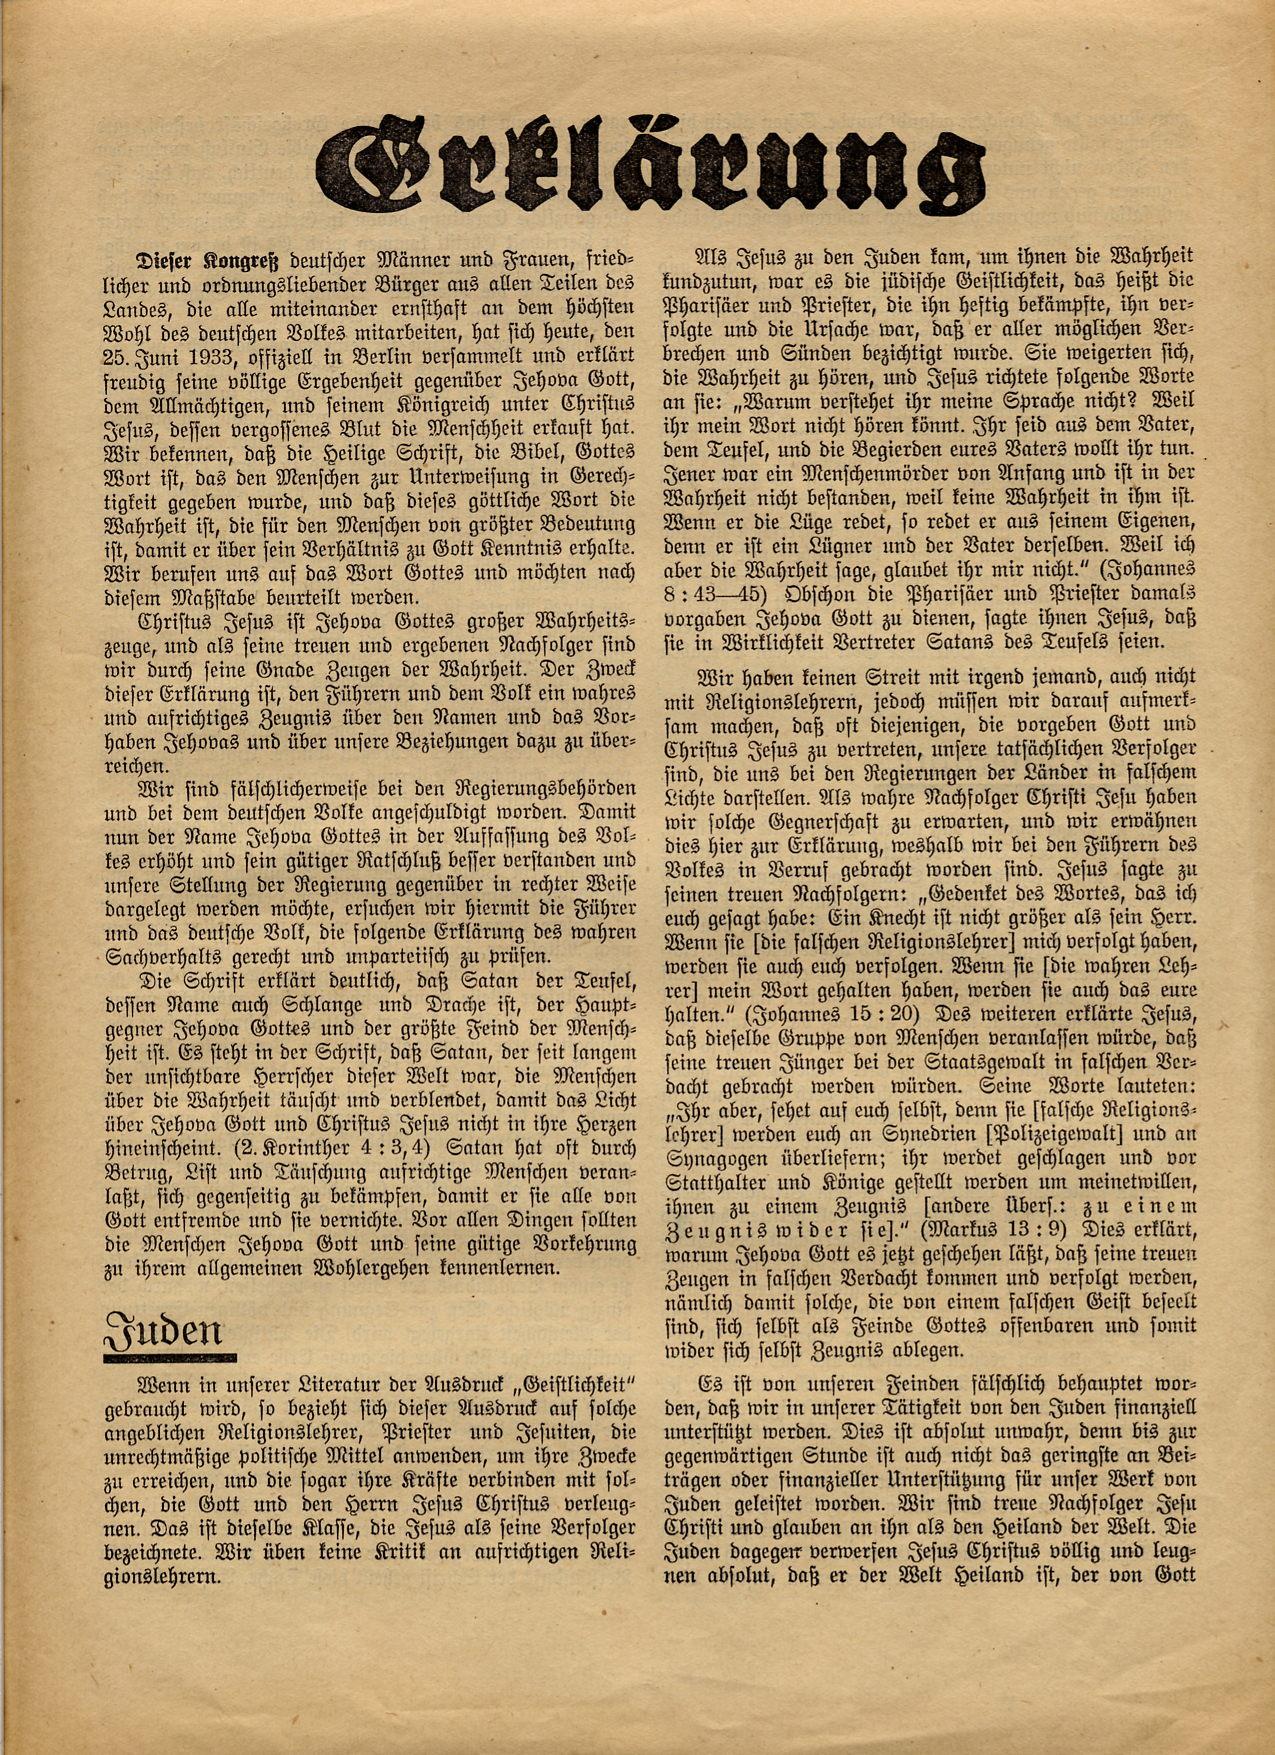 Erklärung - Berlin Wilmersdorf - 25.06.1933 - Seite 1